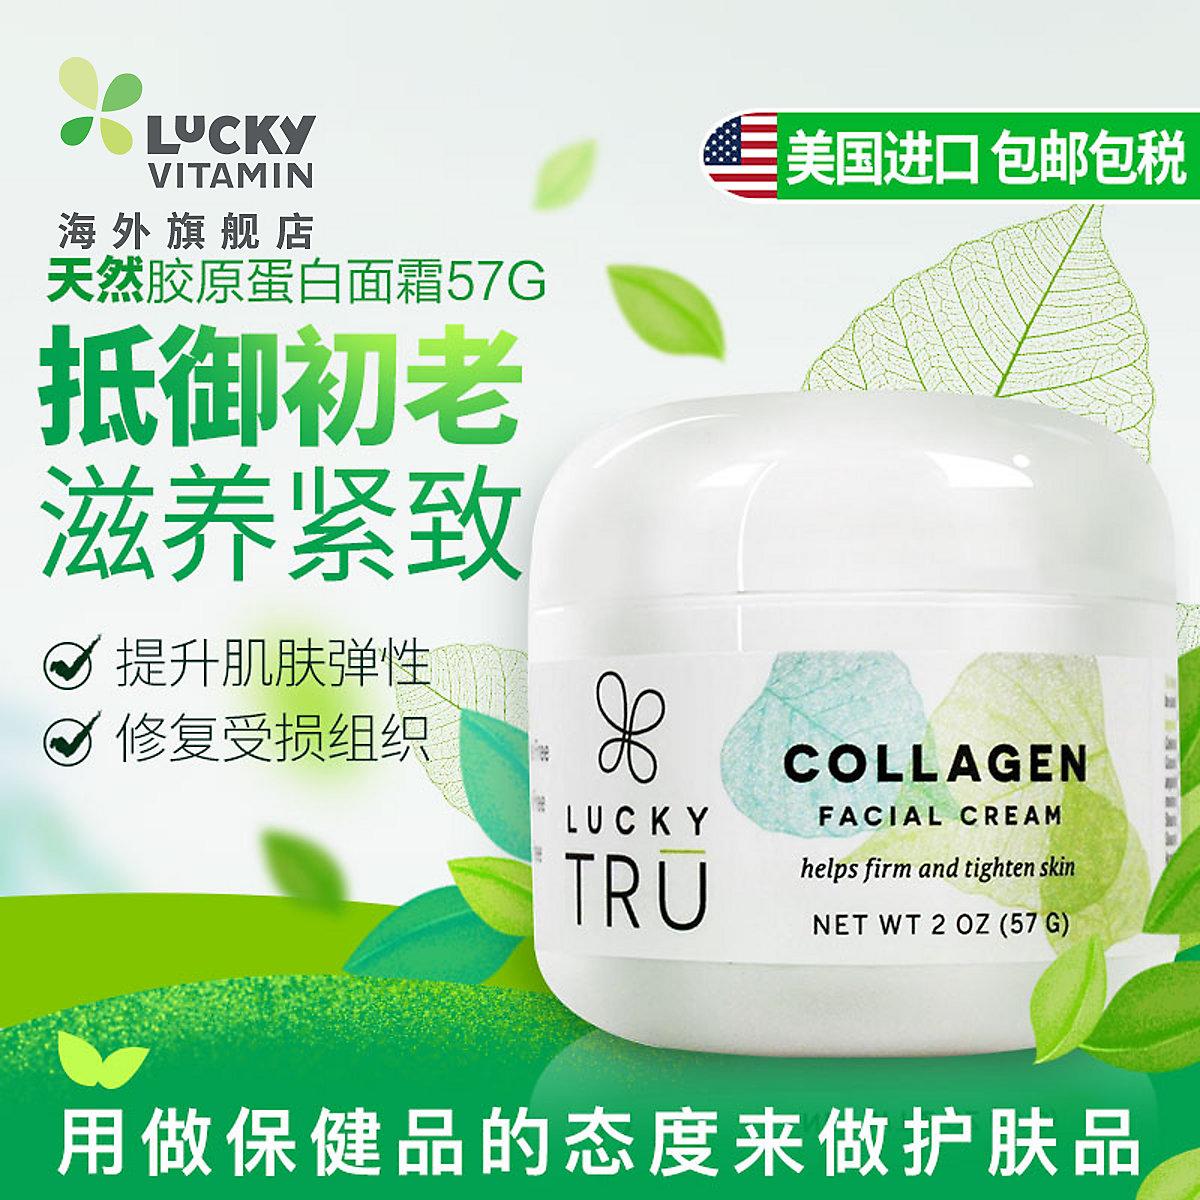 LuckyTru美国进口胶原蛋白面霜修复补水保湿紧致滋润光滑肌肤